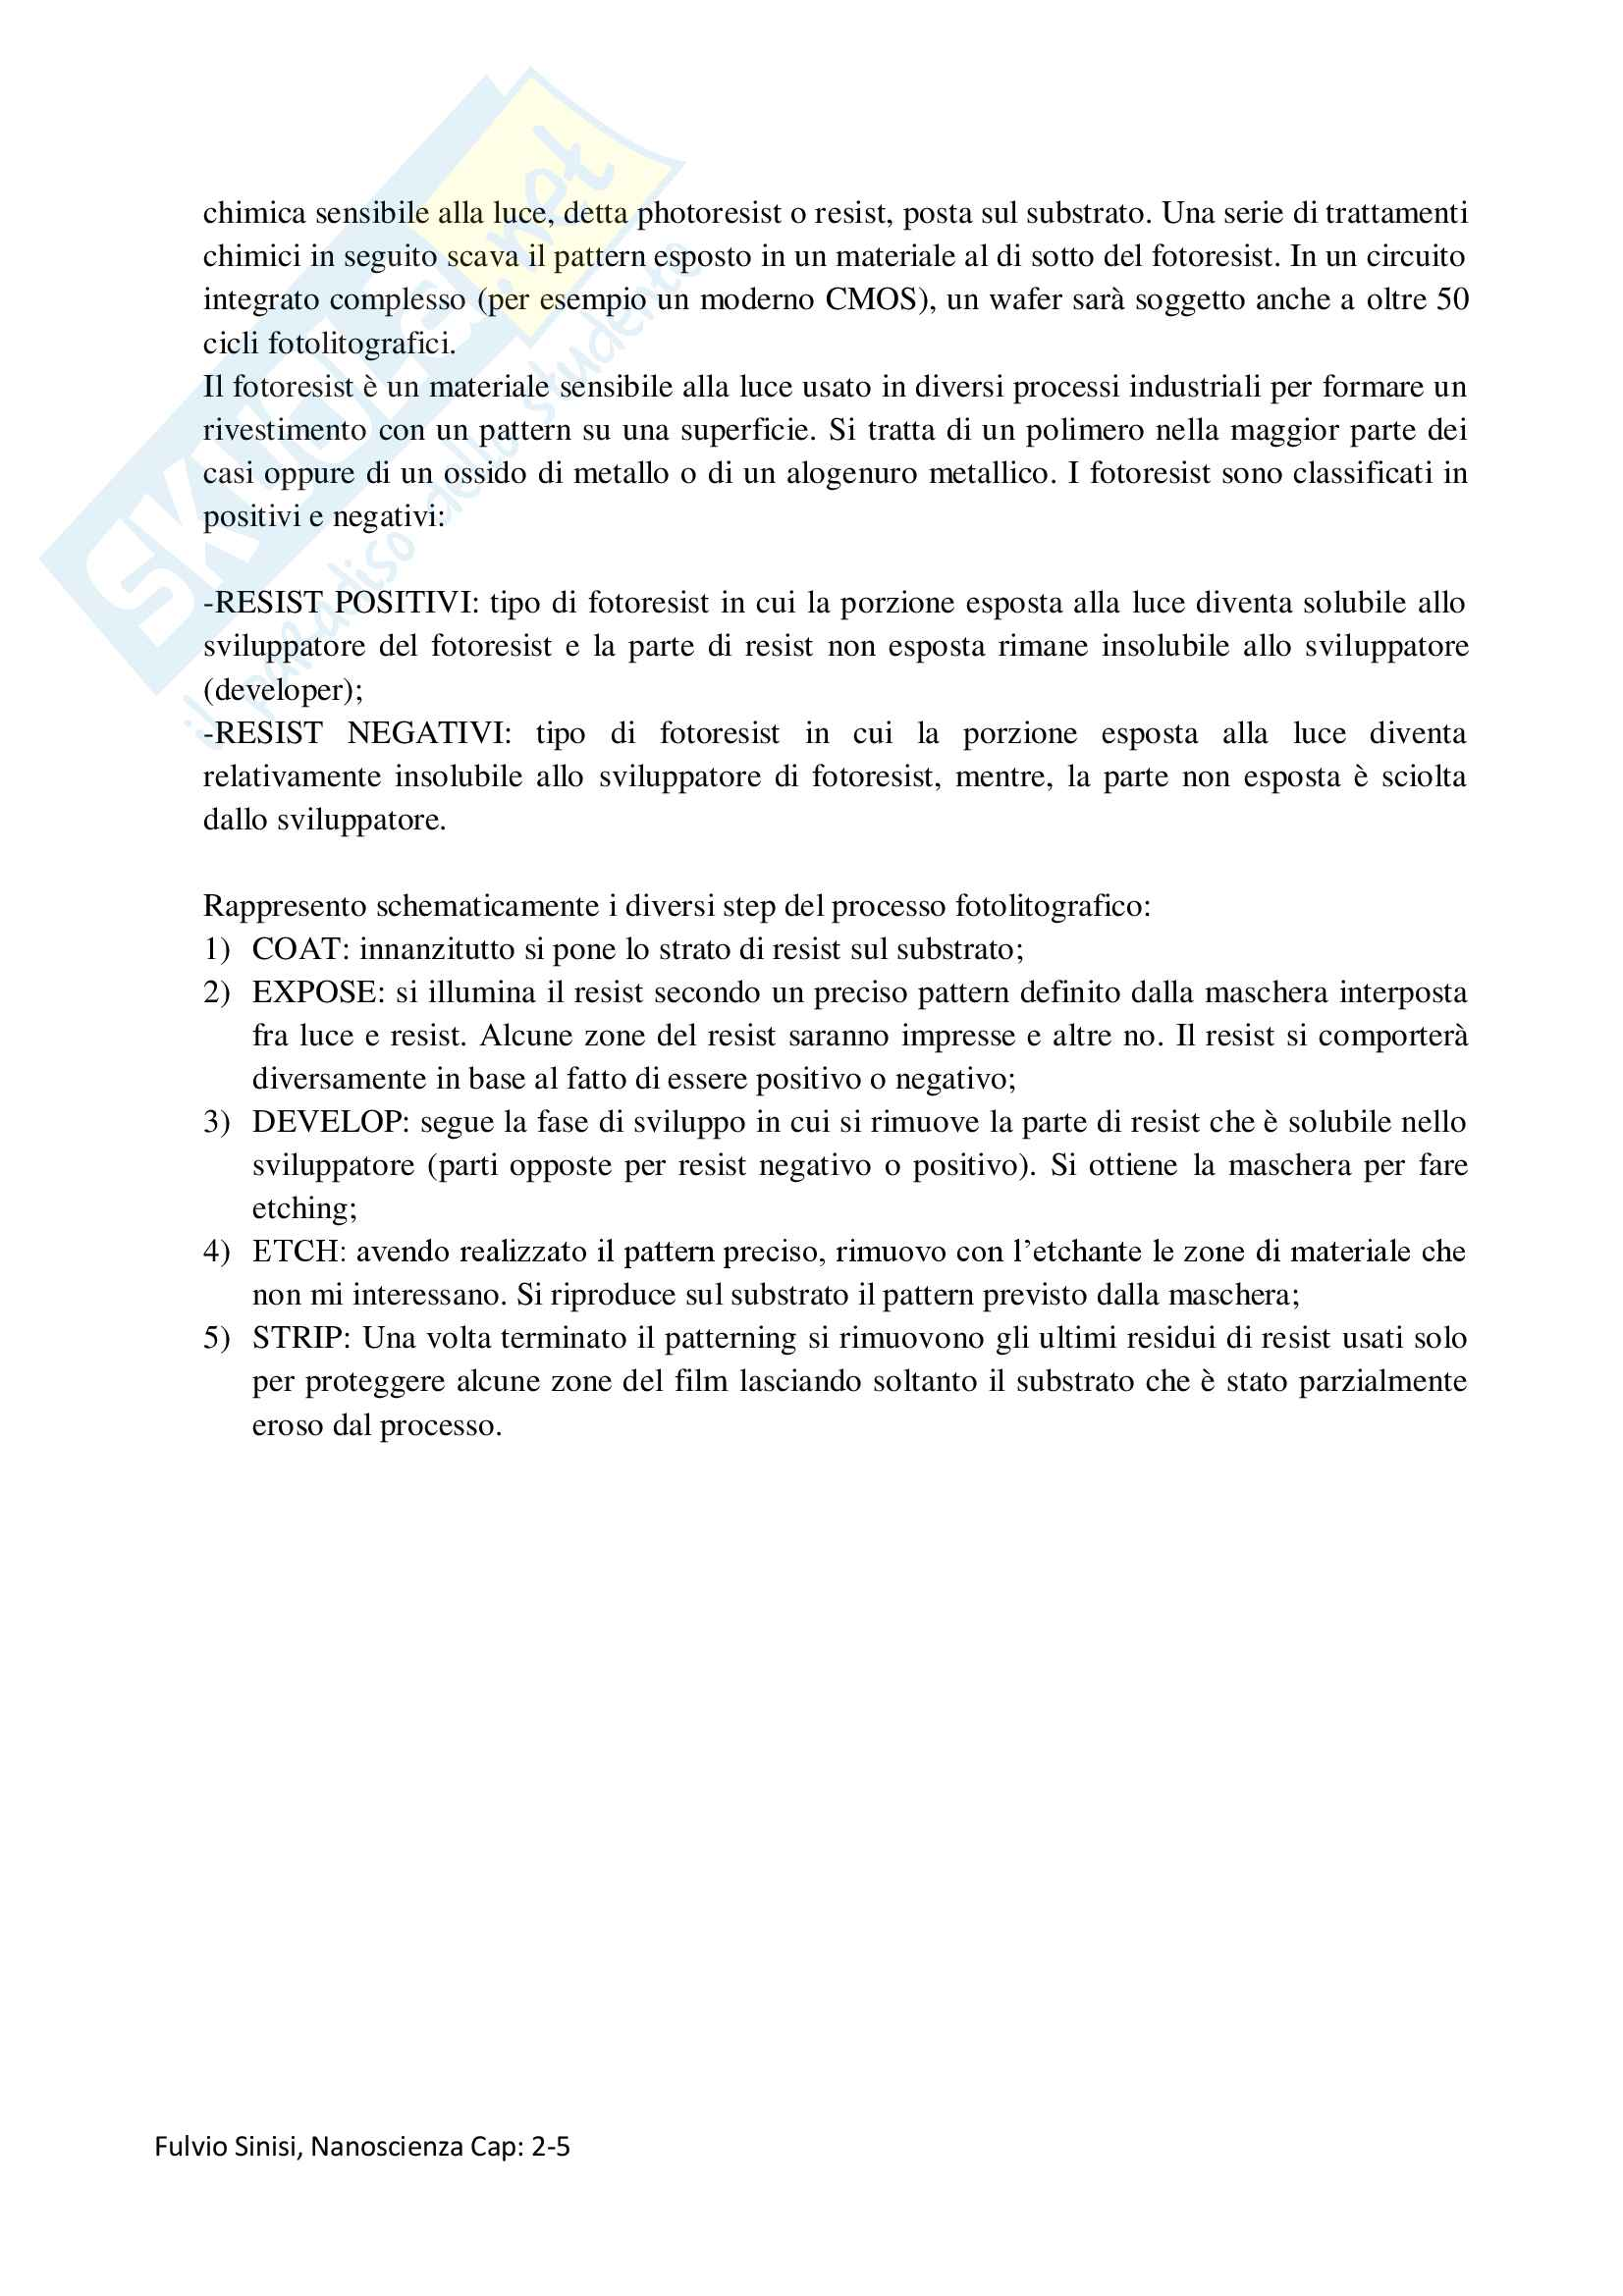 Appunti personali (parte 1) Pag. 26